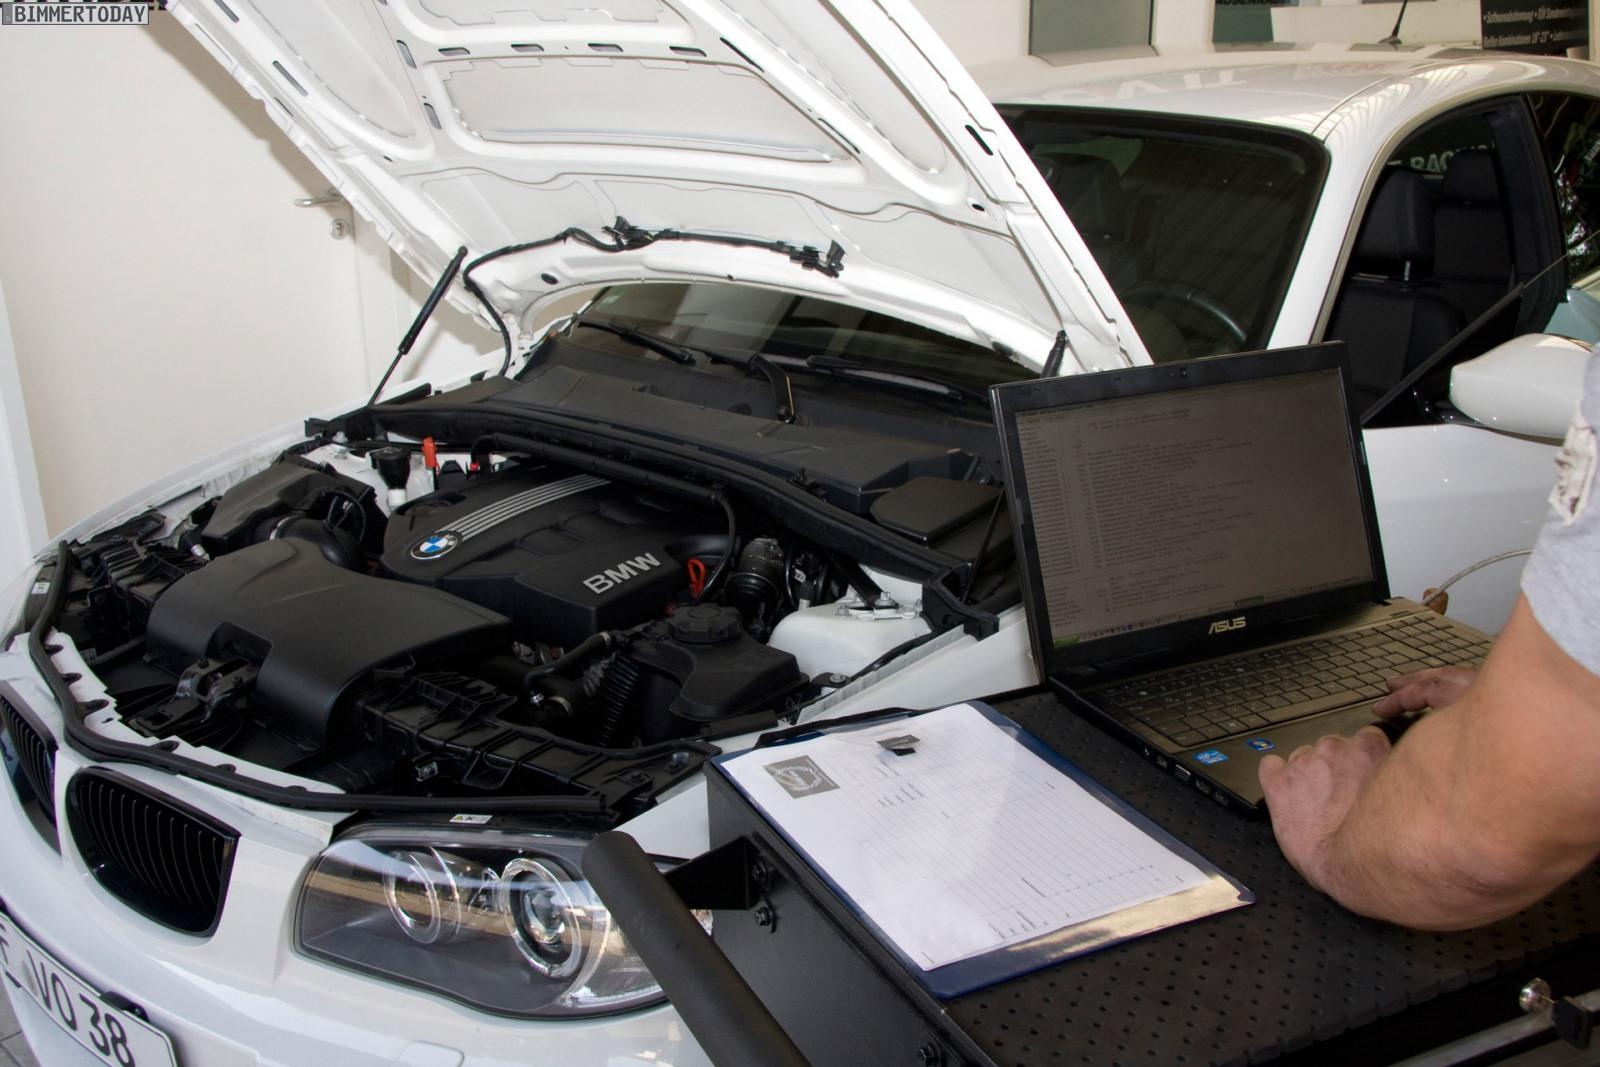 Manhart Racing Diesel Tuning Für Bmw Modelle Von 116d Bis M550d